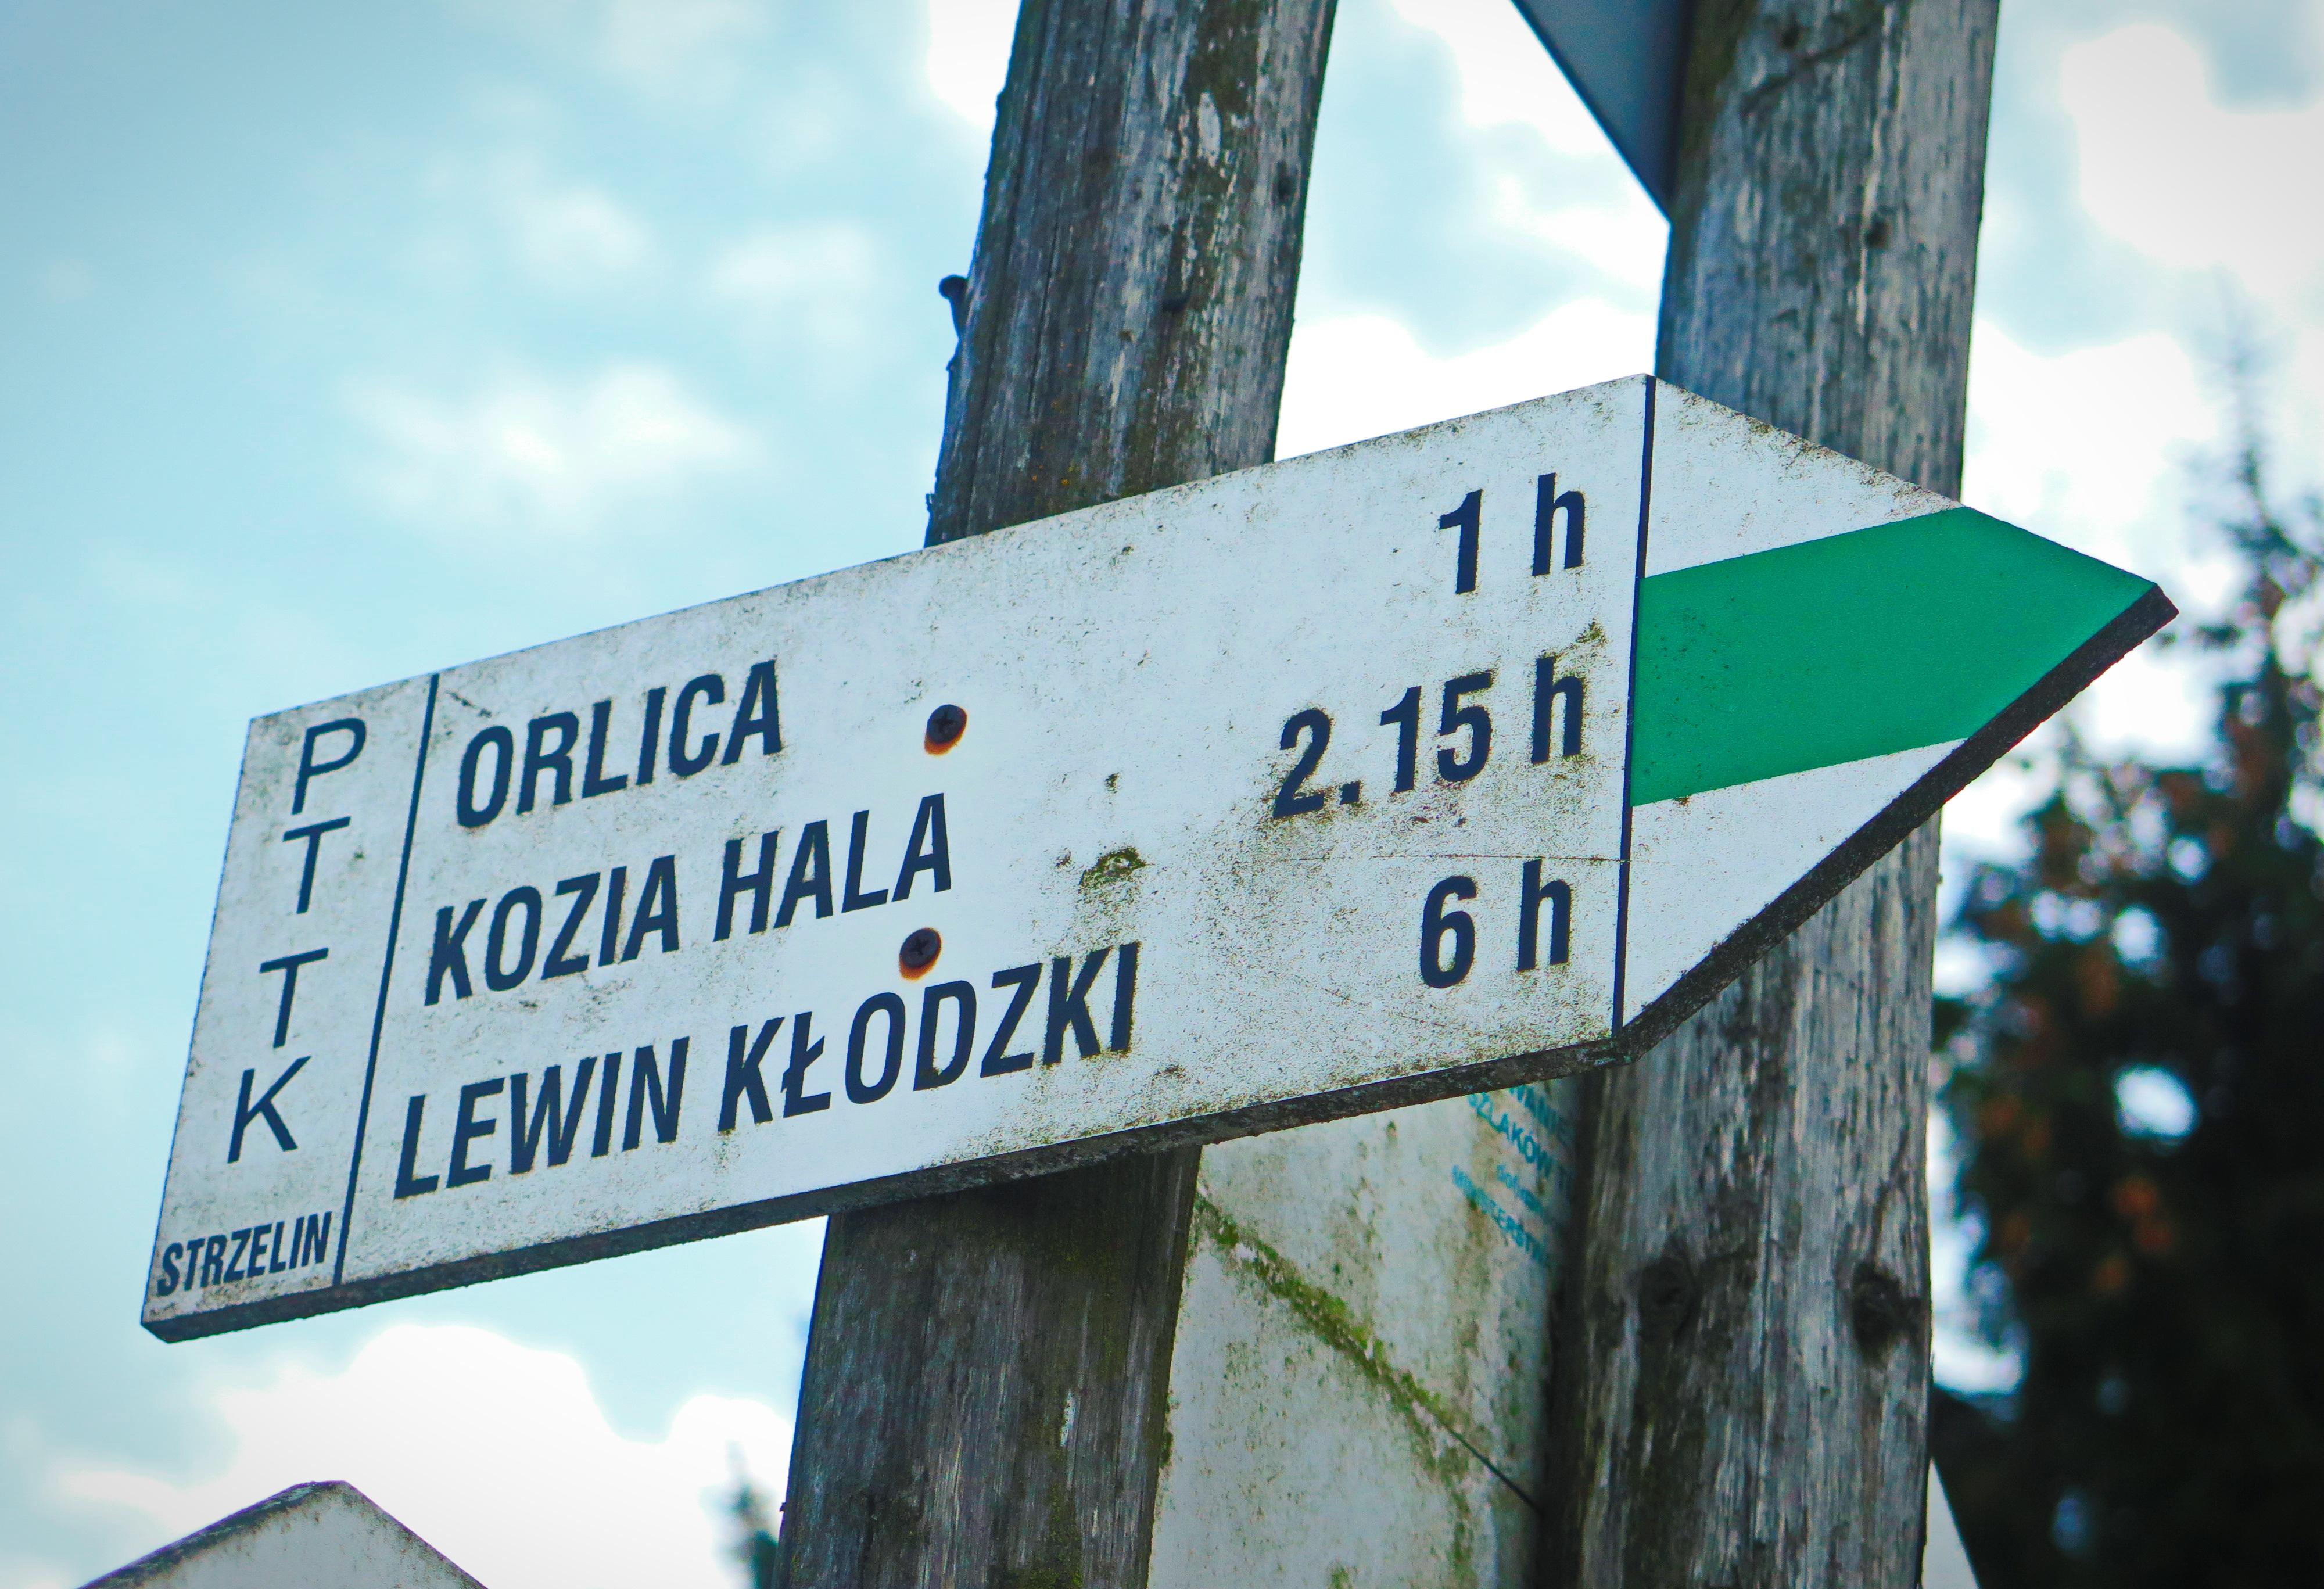 znak szlaku Orlica